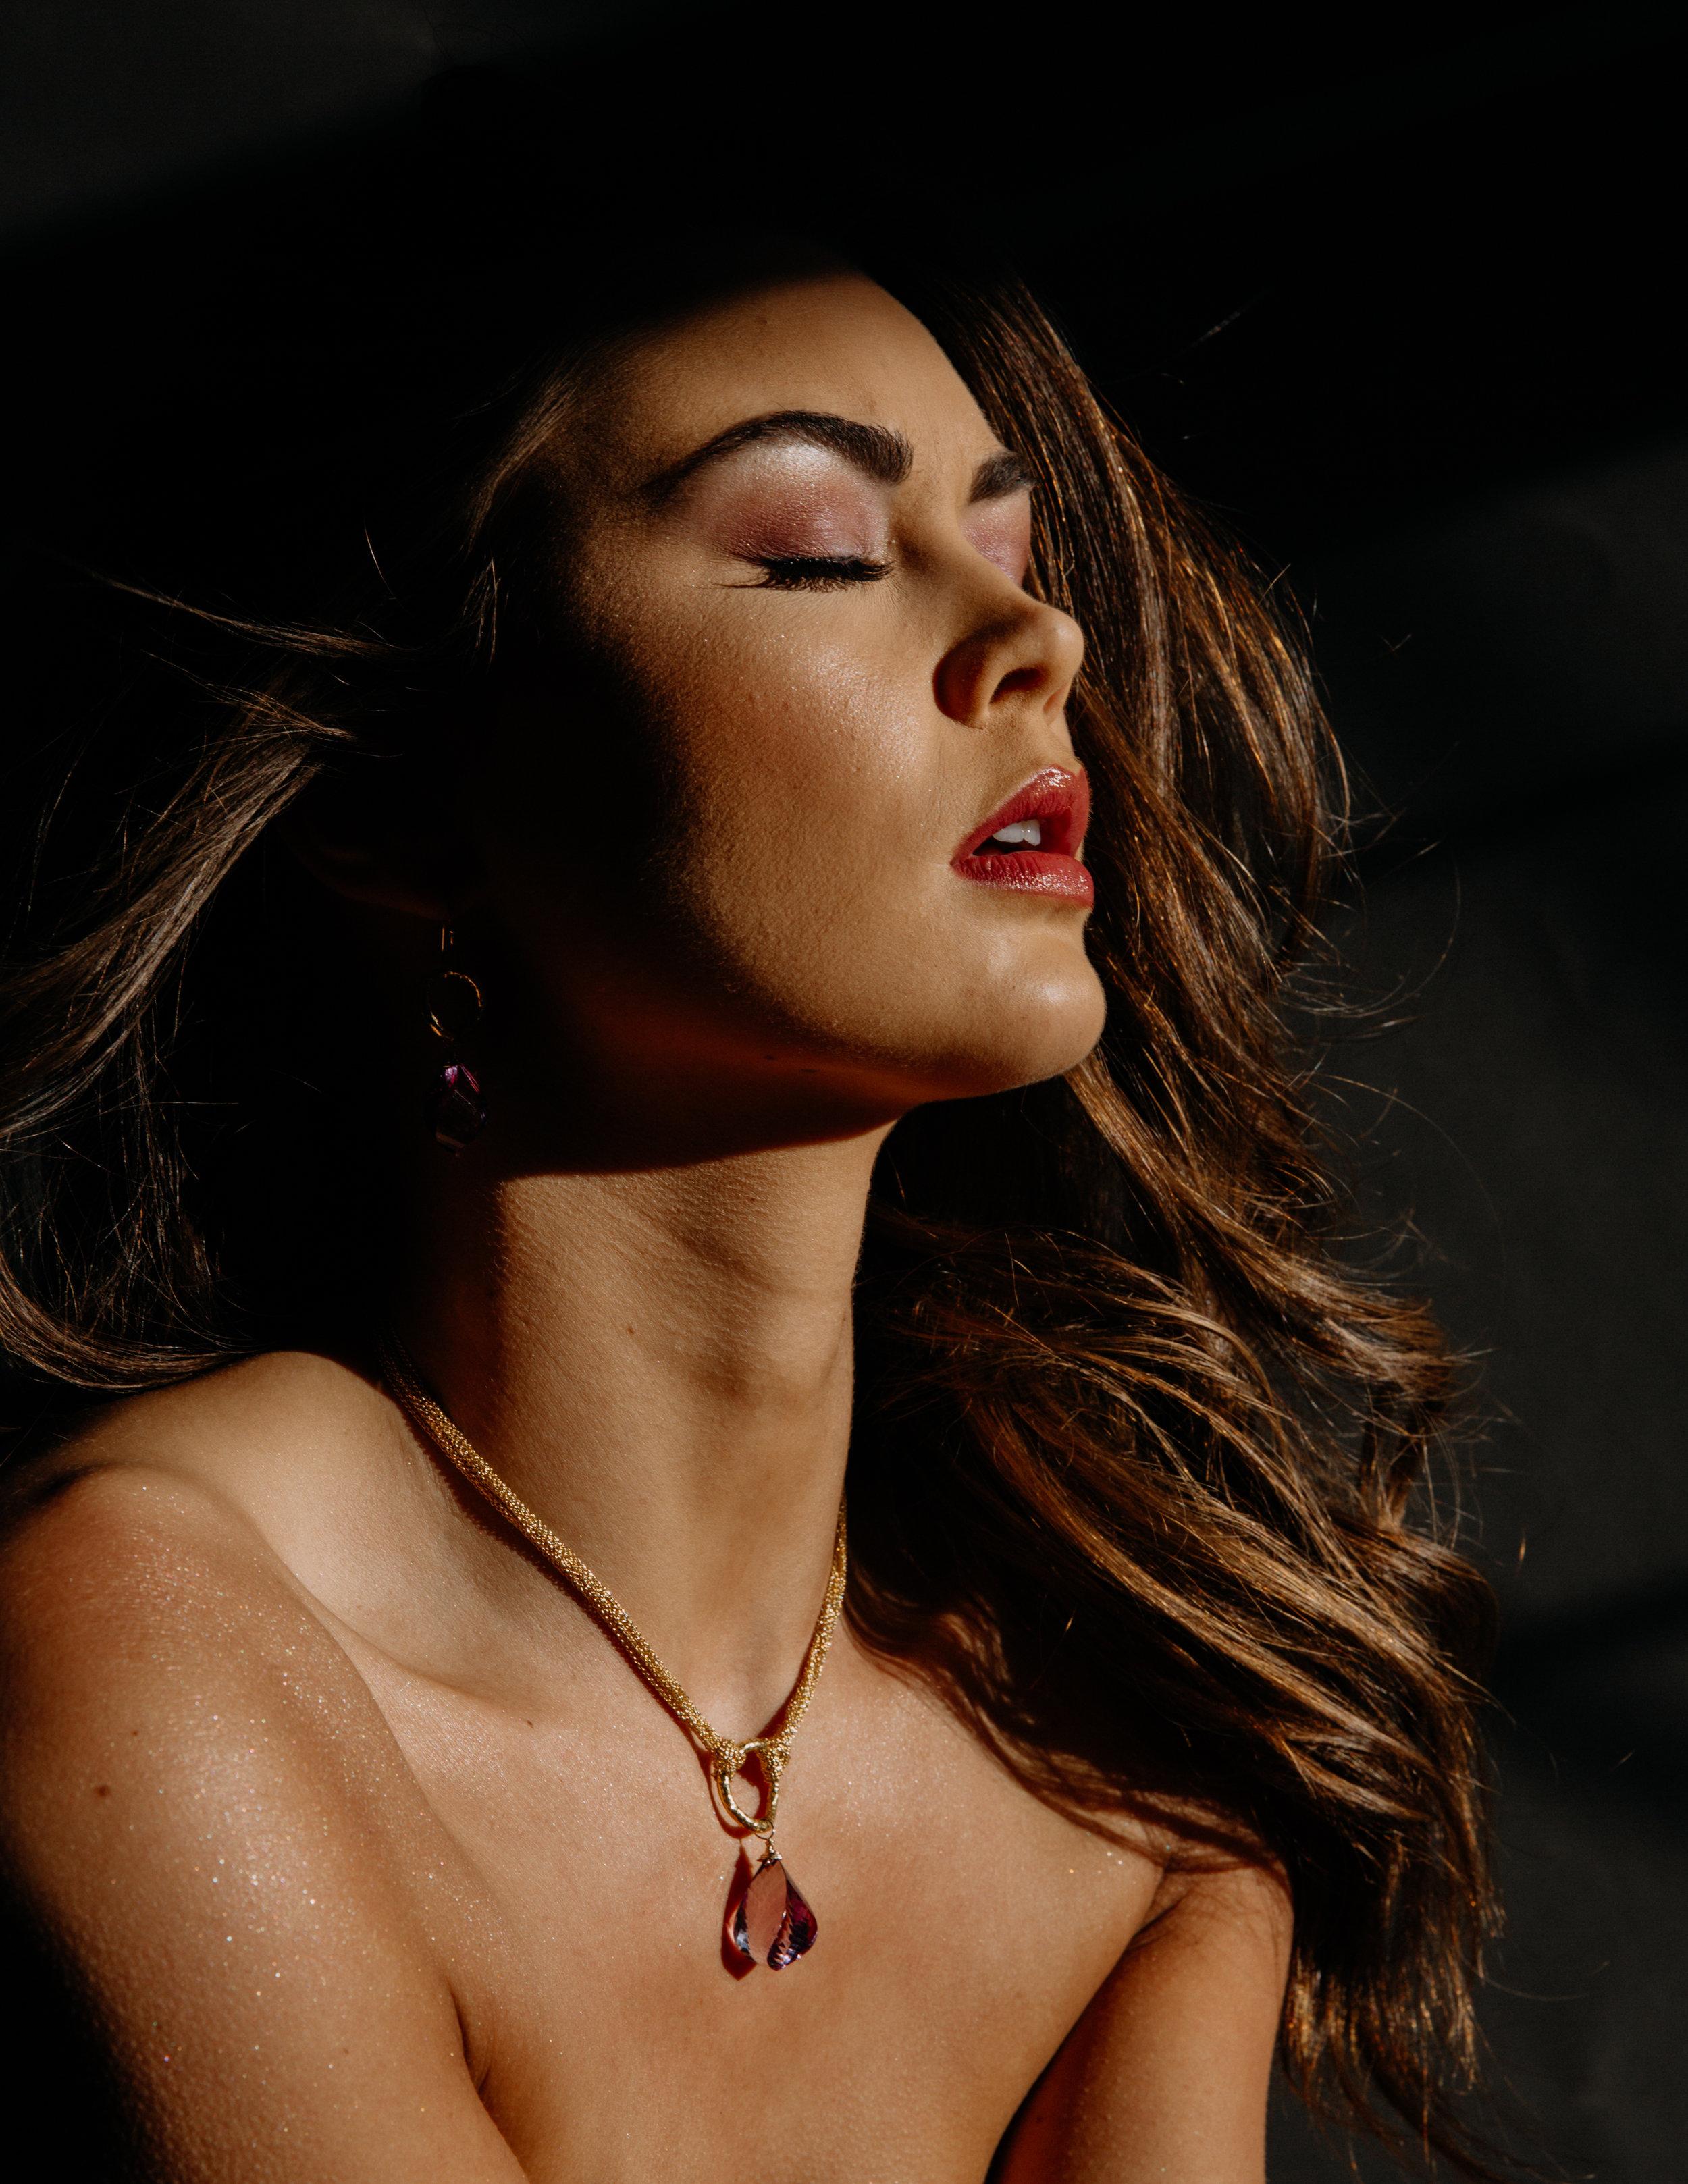 model wearing fancy cut amethyst drop earrings